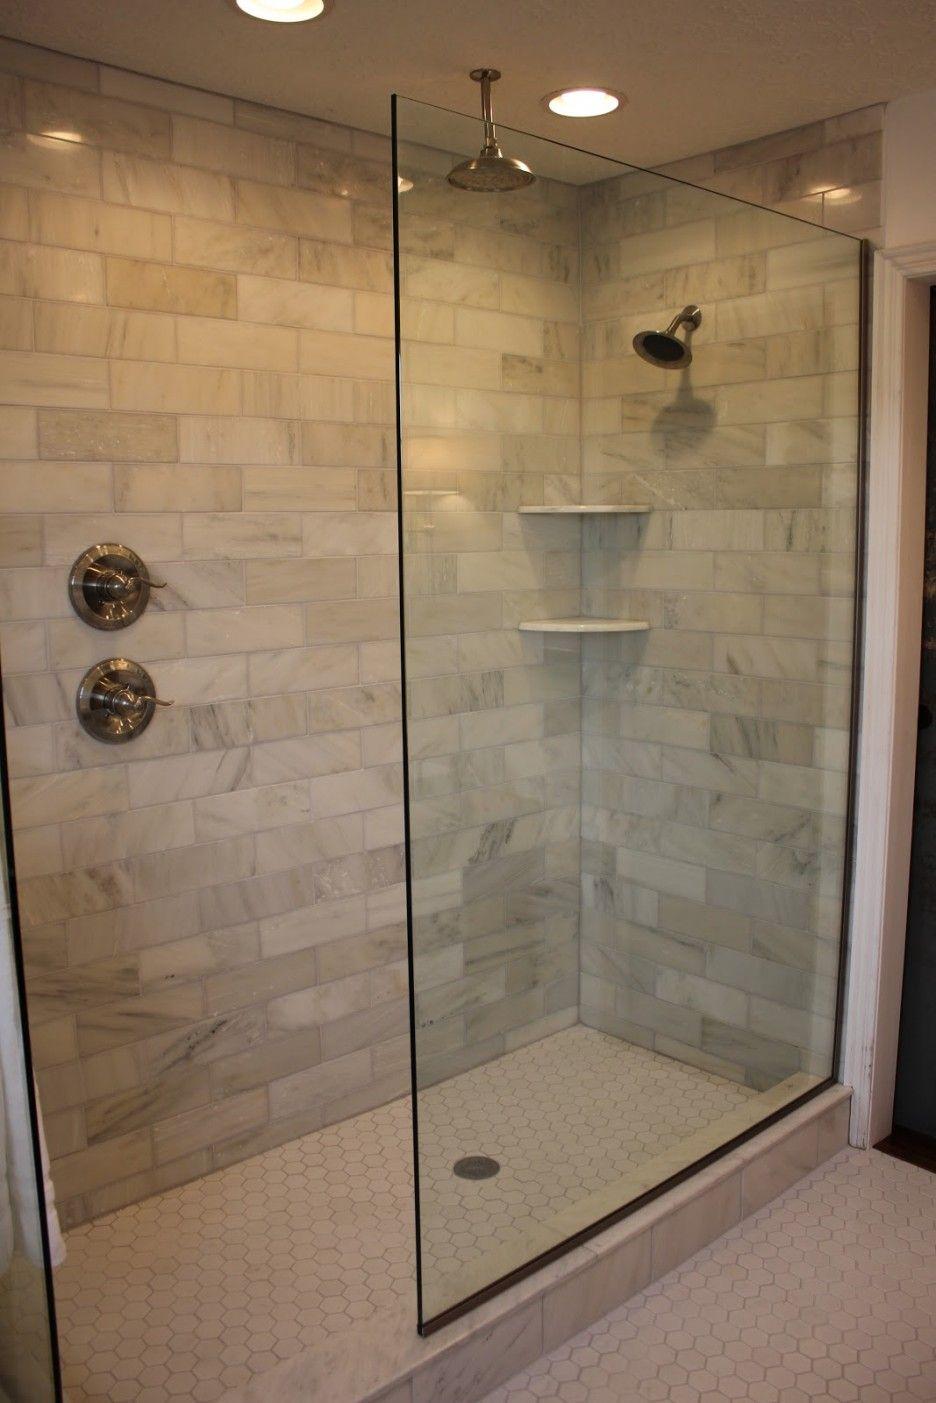 Interior Bathroom Incredible Doorless Walk In Shower Designs Ideas Interesting Glass Doorles Bathroom Redesign Bathroom Remodel Shower Master Bathroom Shower